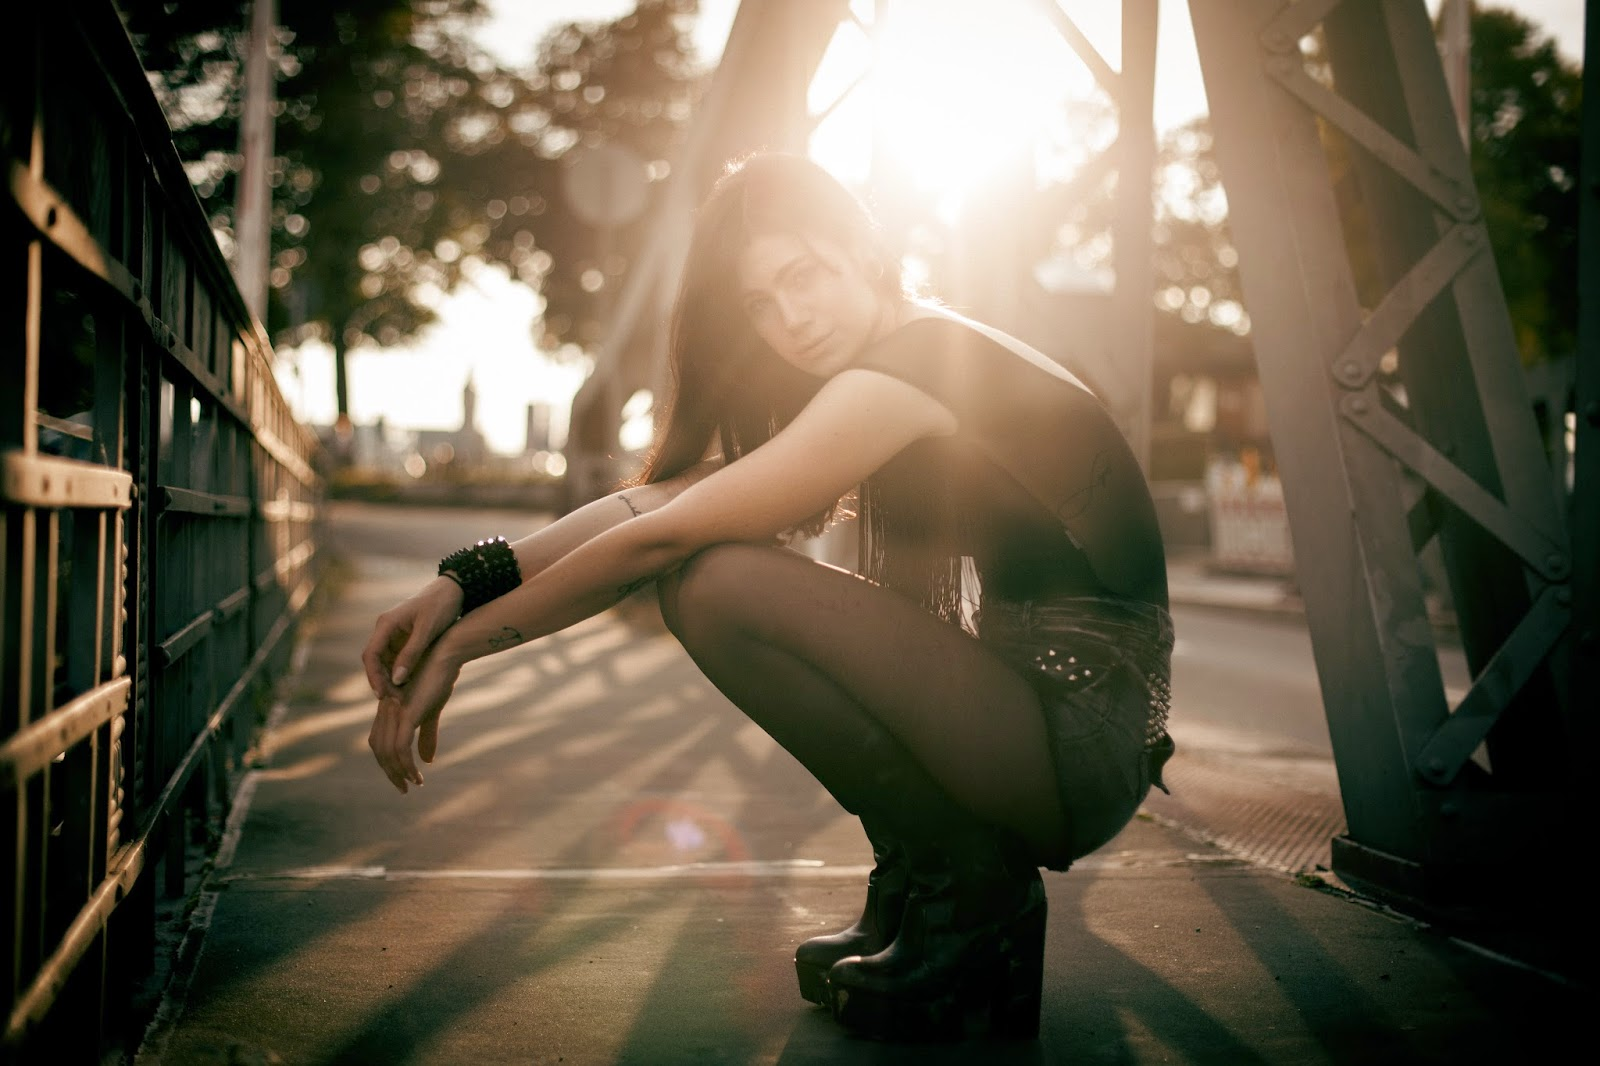 She laughs like god, her mind is like a diamond